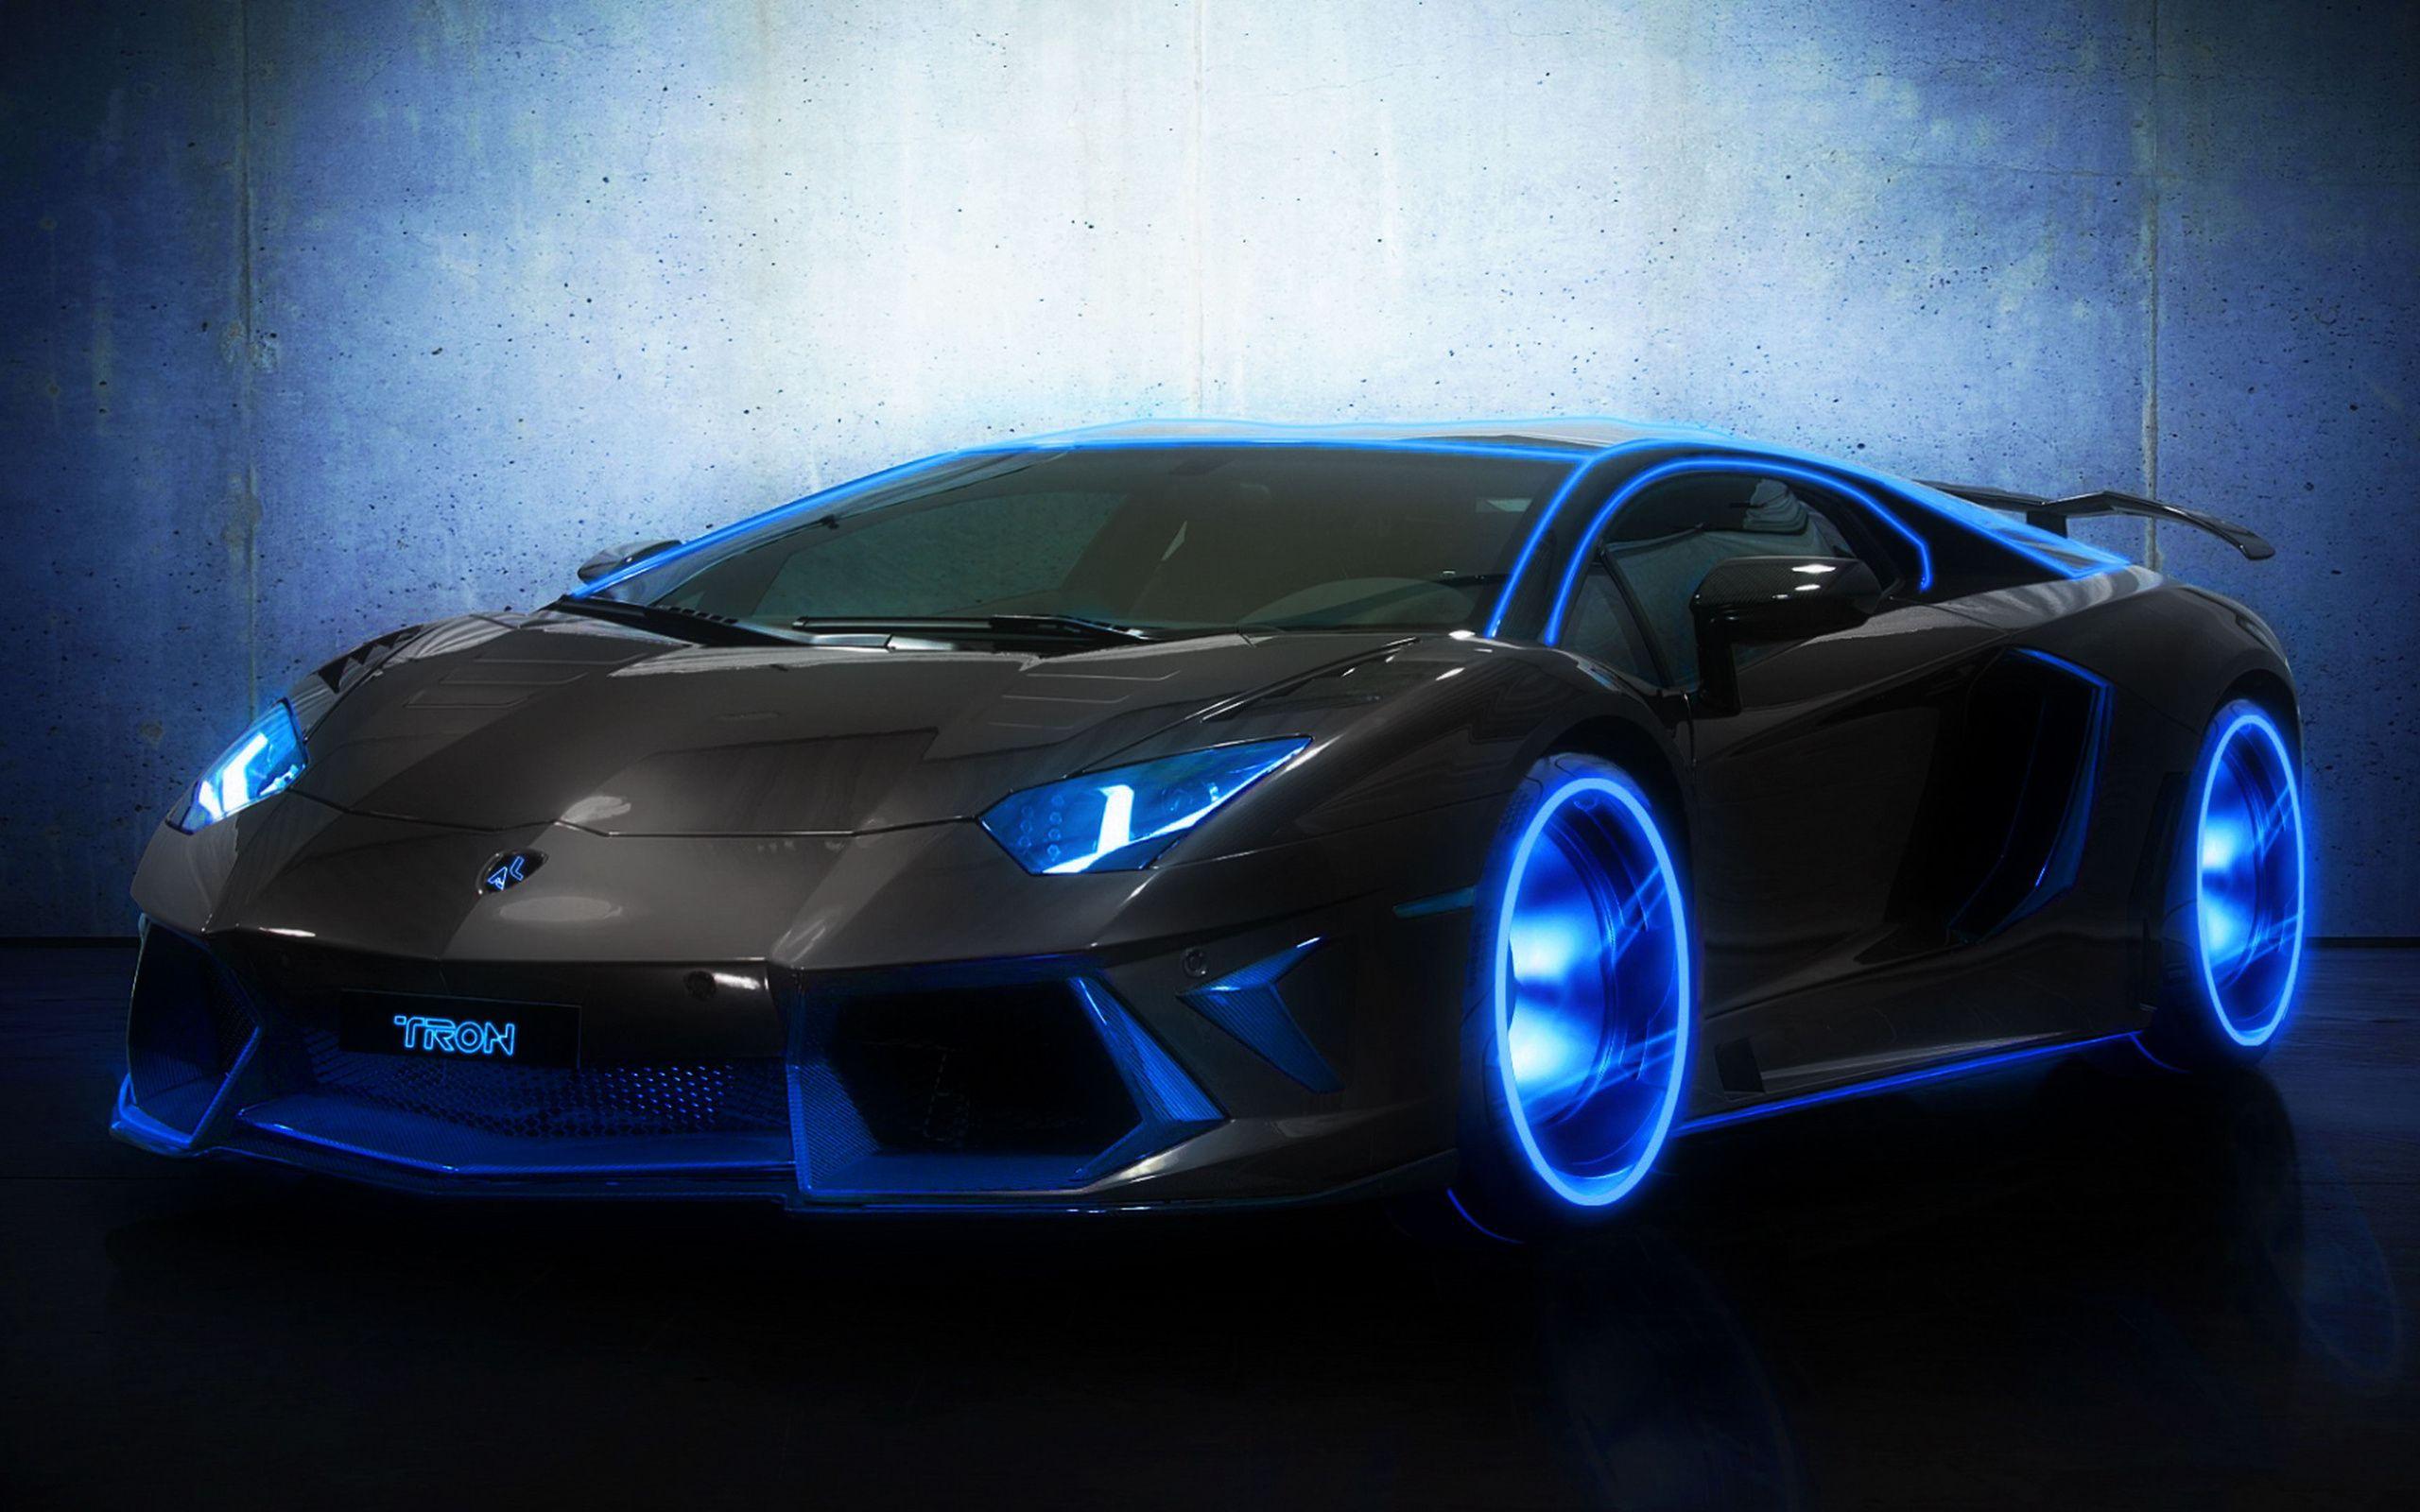 27+] Lamborghini Blue Wallpapers on WallpaperSafari